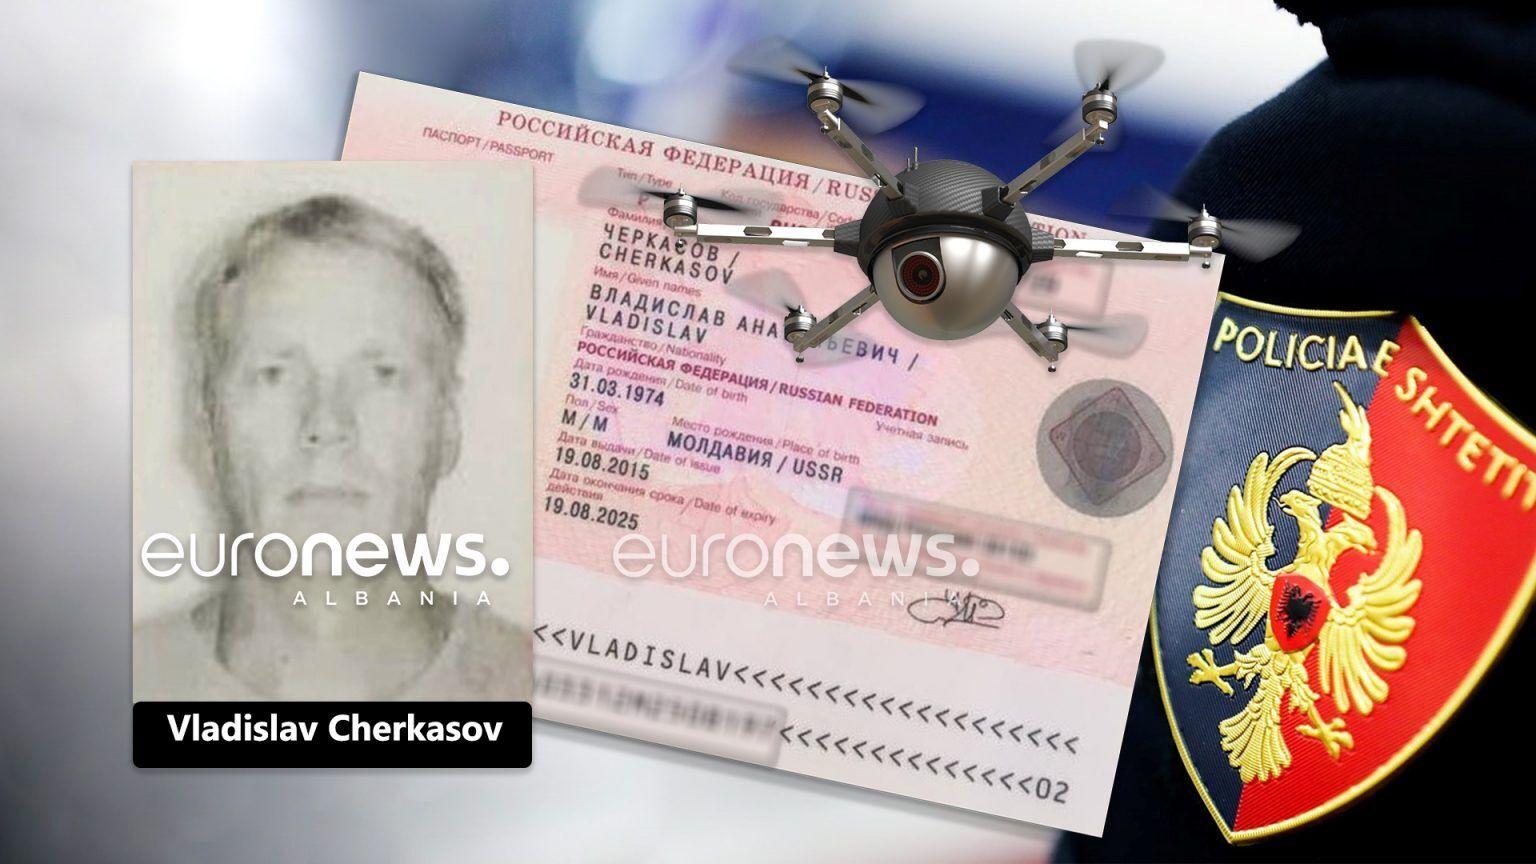 У Черкасова знайшли дрон.